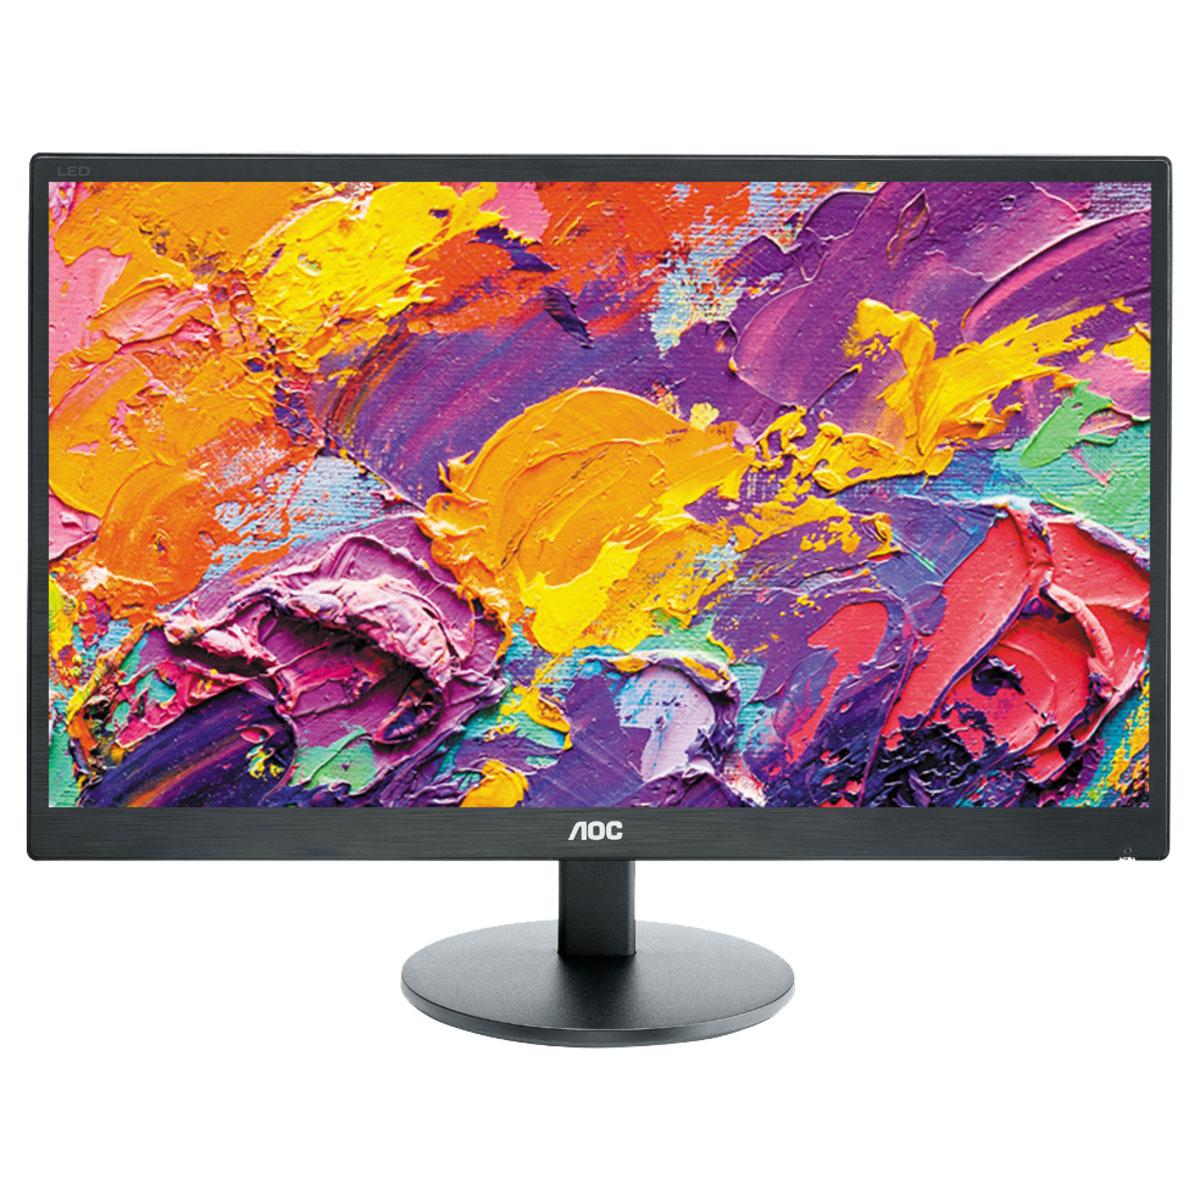 """Ecran PC AOC 21.5"""" LED - E2270SWHN 1920 x 1080 pixels - 5 ms - Format large 16/9 - HDMI - Noir (Garantie constructeur 3 ans)"""